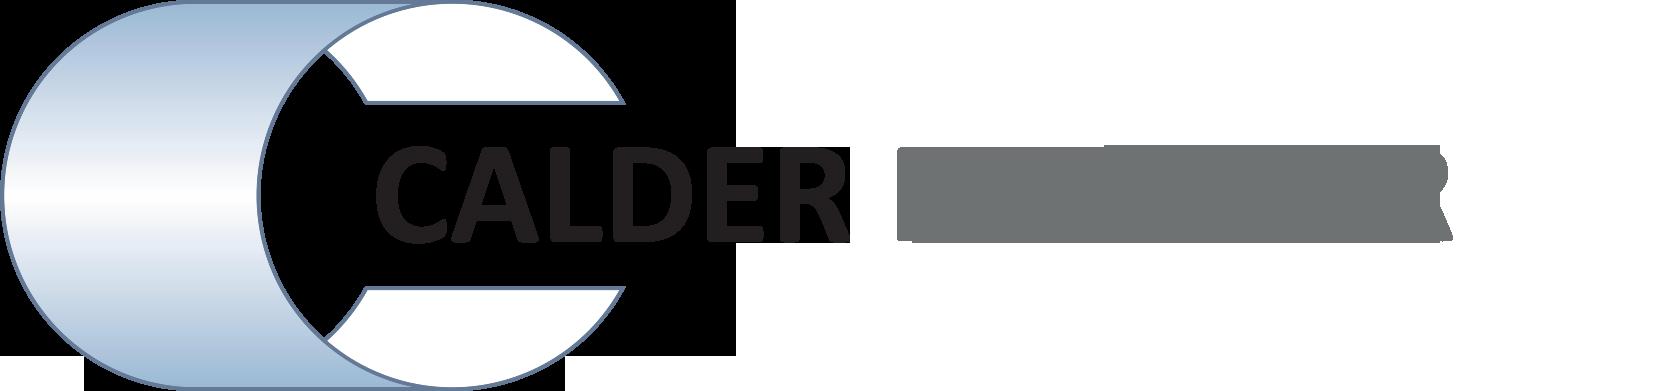 Calder Nuclear